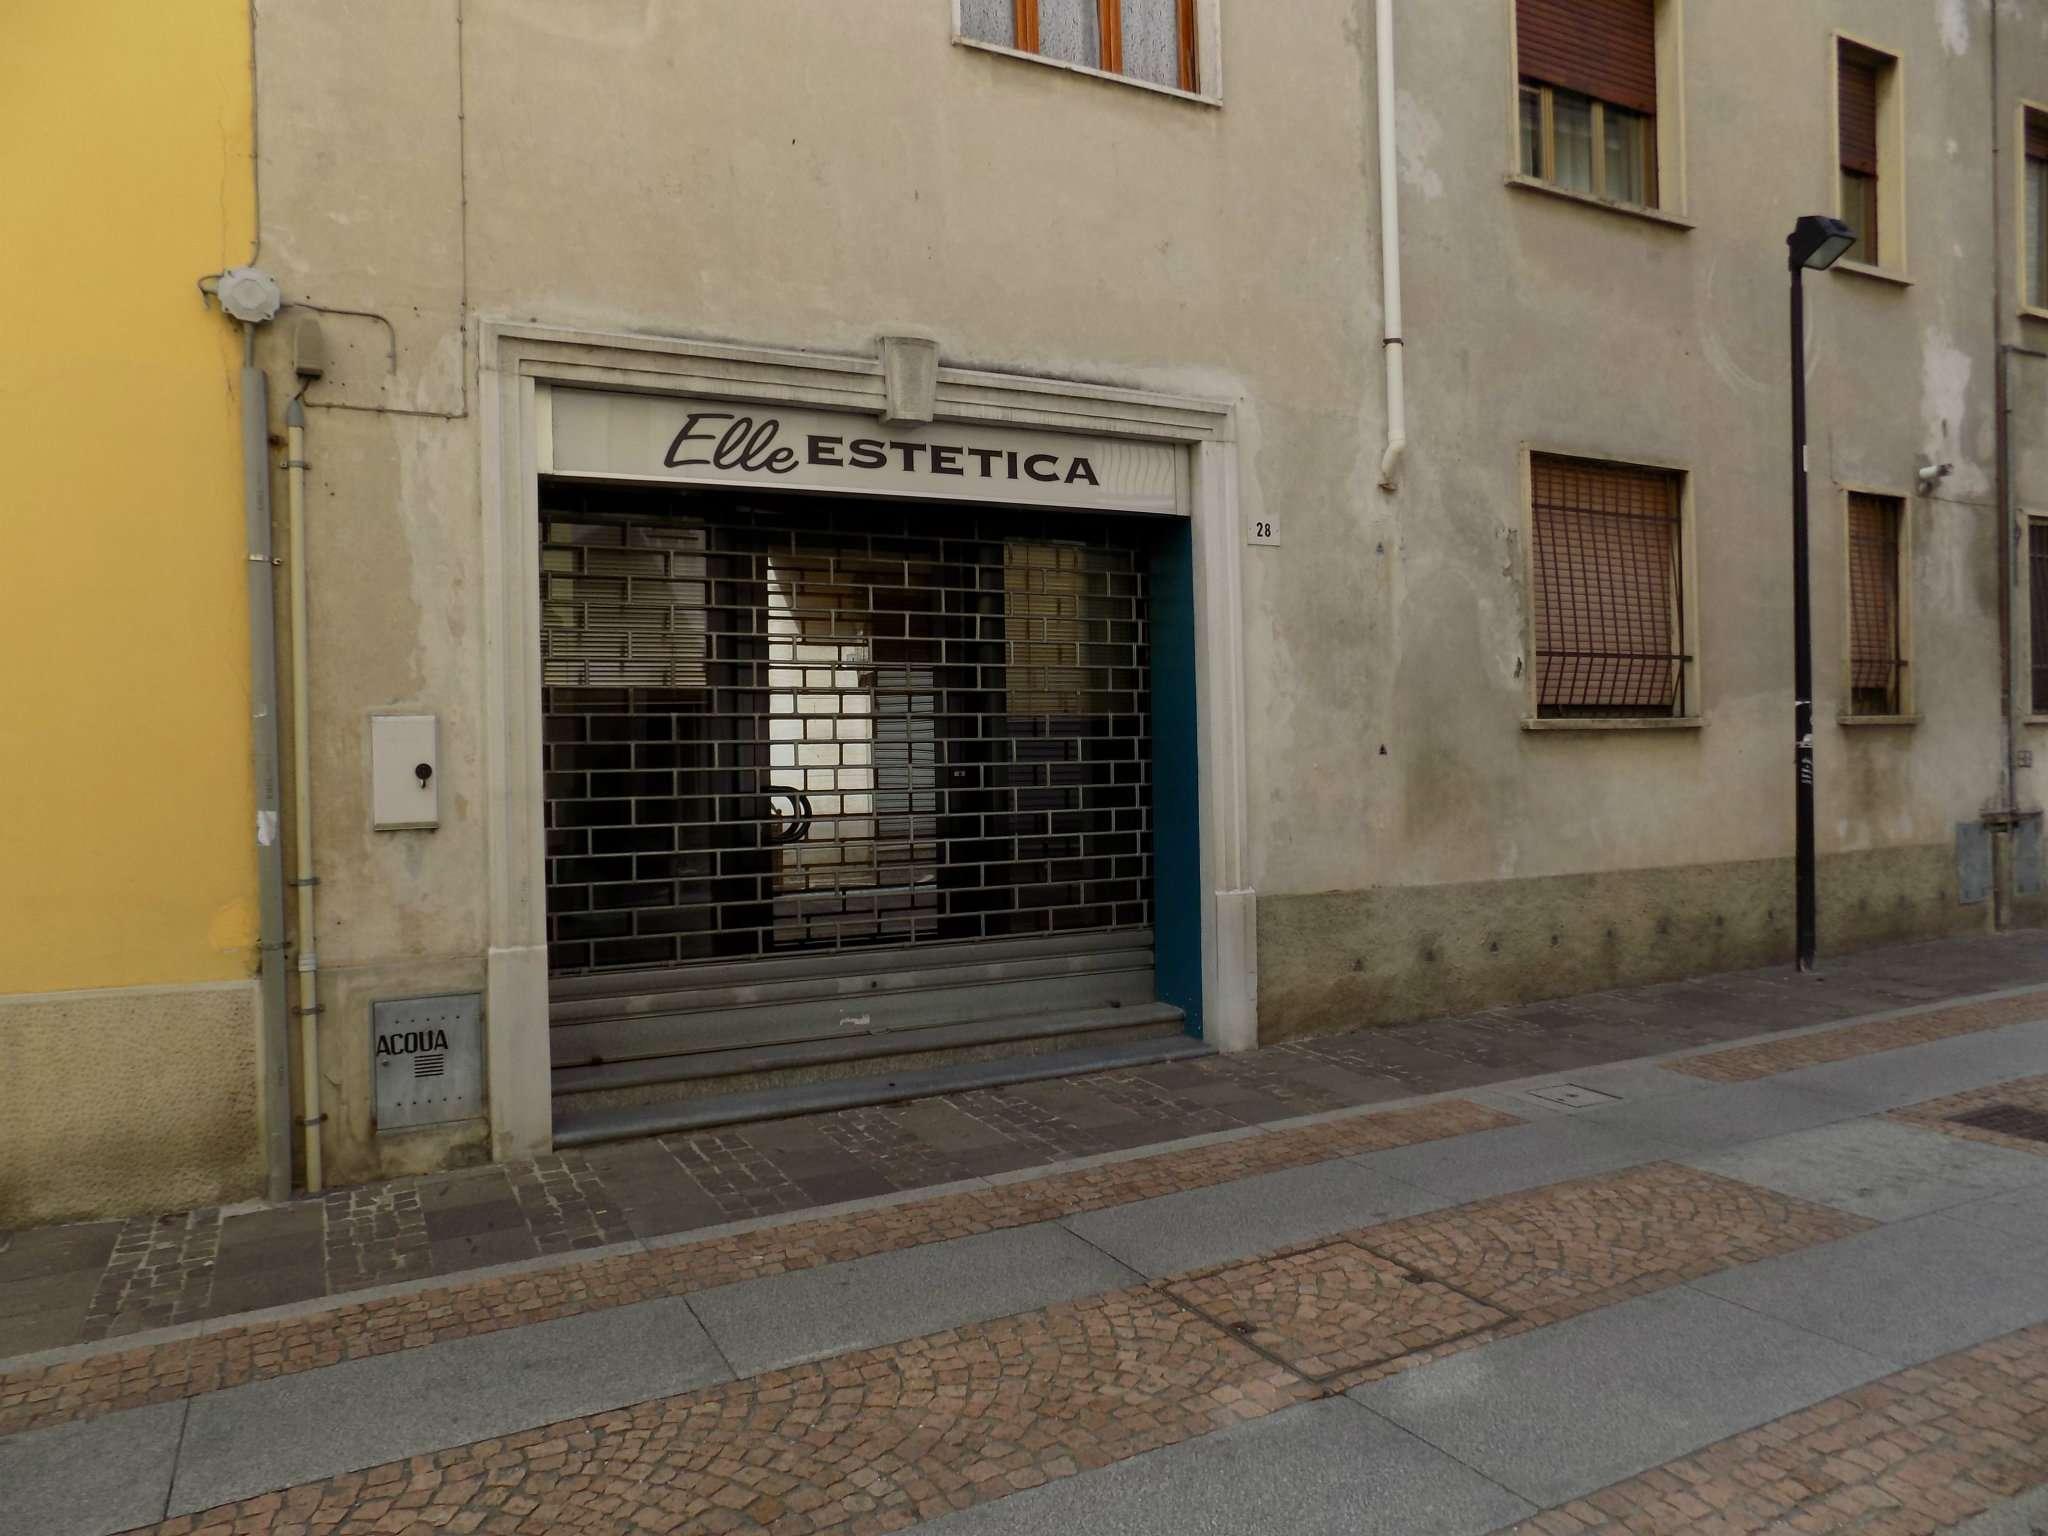 Negozio / Locale in affitto a Senago, 1 locali, prezzo € 500 | CambioCasa.it